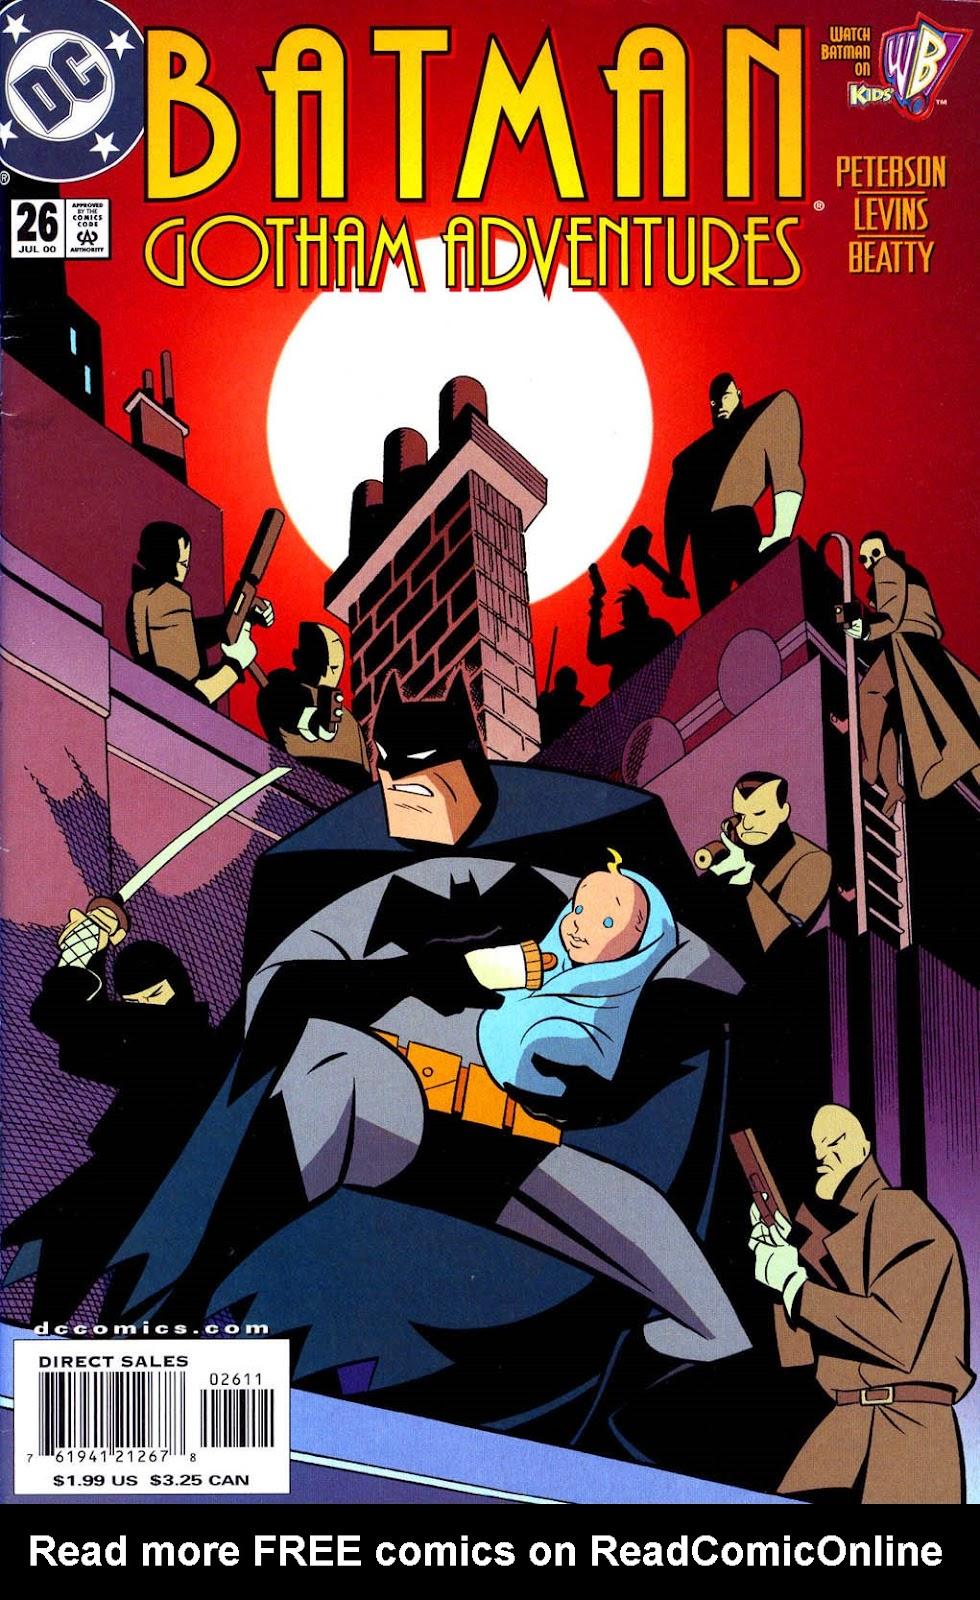 Batman: Gotham Adventures issue 26 - Page 1